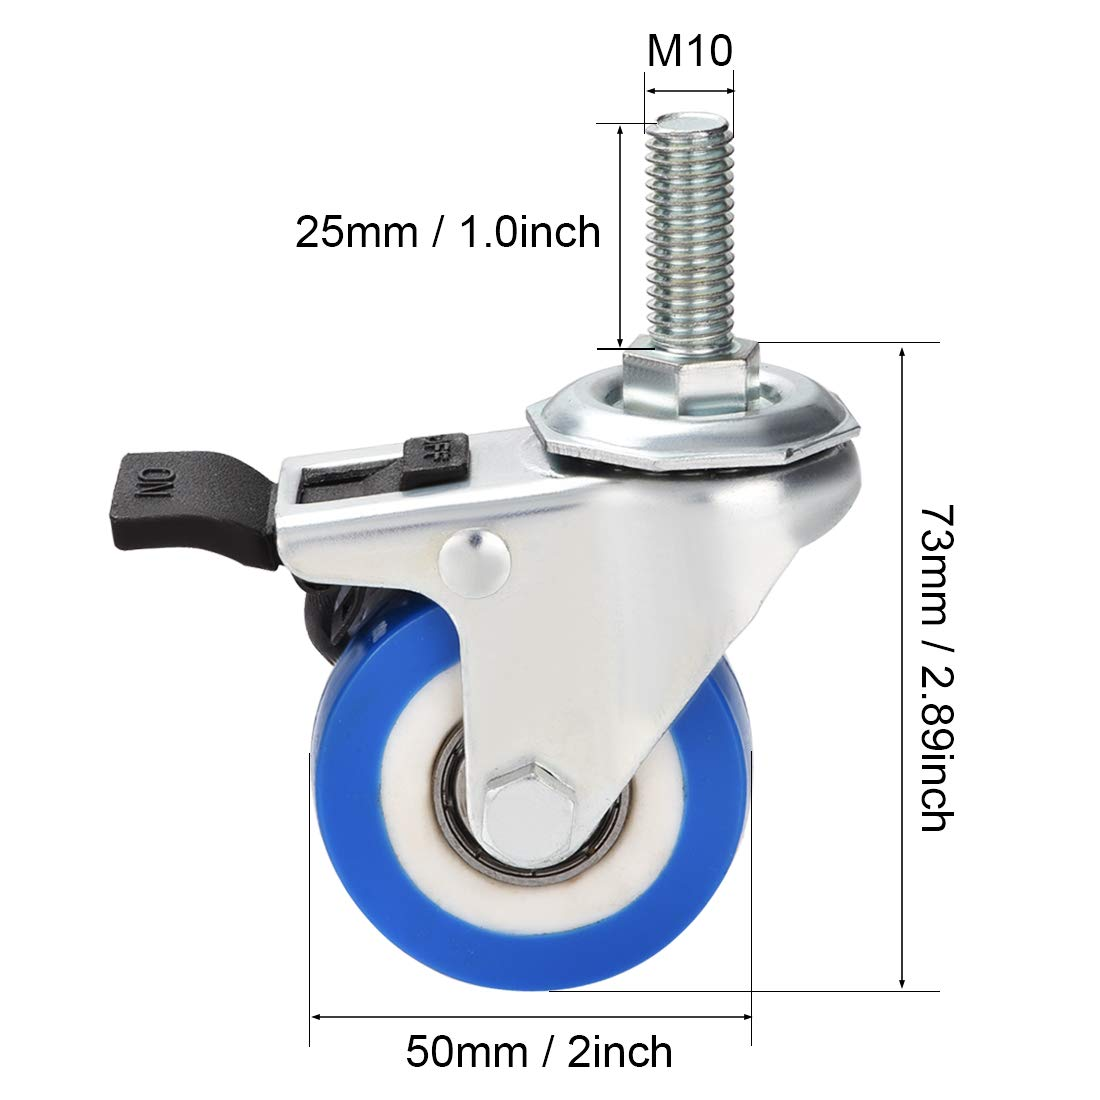 Lenkrollen R/äder PU Lenkrolle 2 Zoll M10 x 25mm Gewindezapfen mit Bremse sourcing map 4 Stk